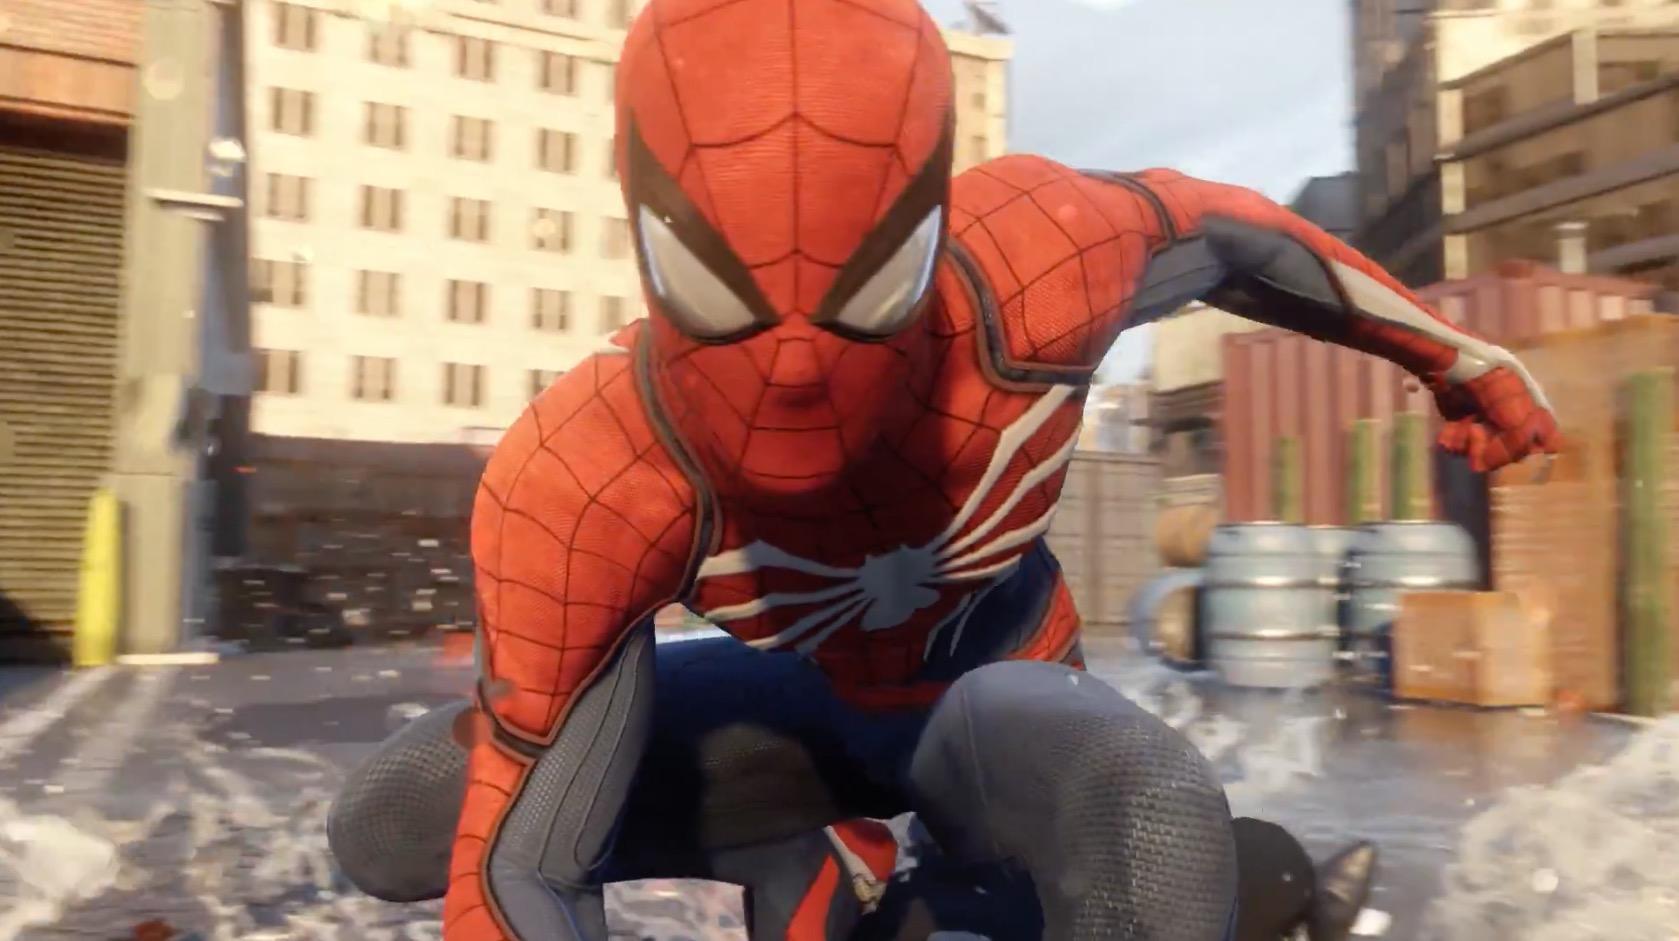 جزئیات جدیدی از داستان و شخصیتهای Spider-Man منتشر شدند